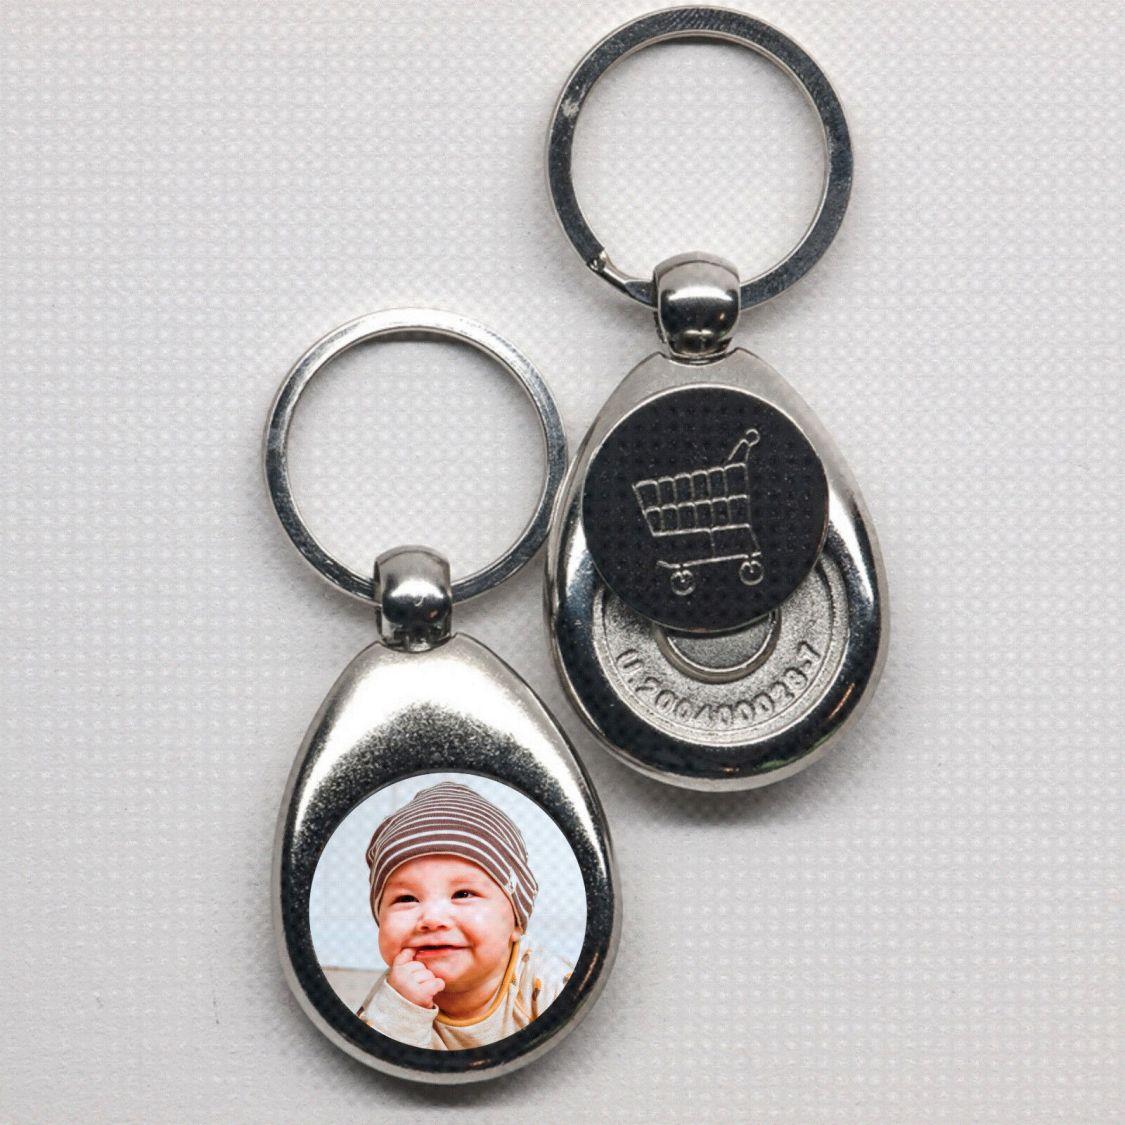 Schlüsselanhänger mit Foto und Chip Metall  Edel Geburtstag Geschenk Ostern